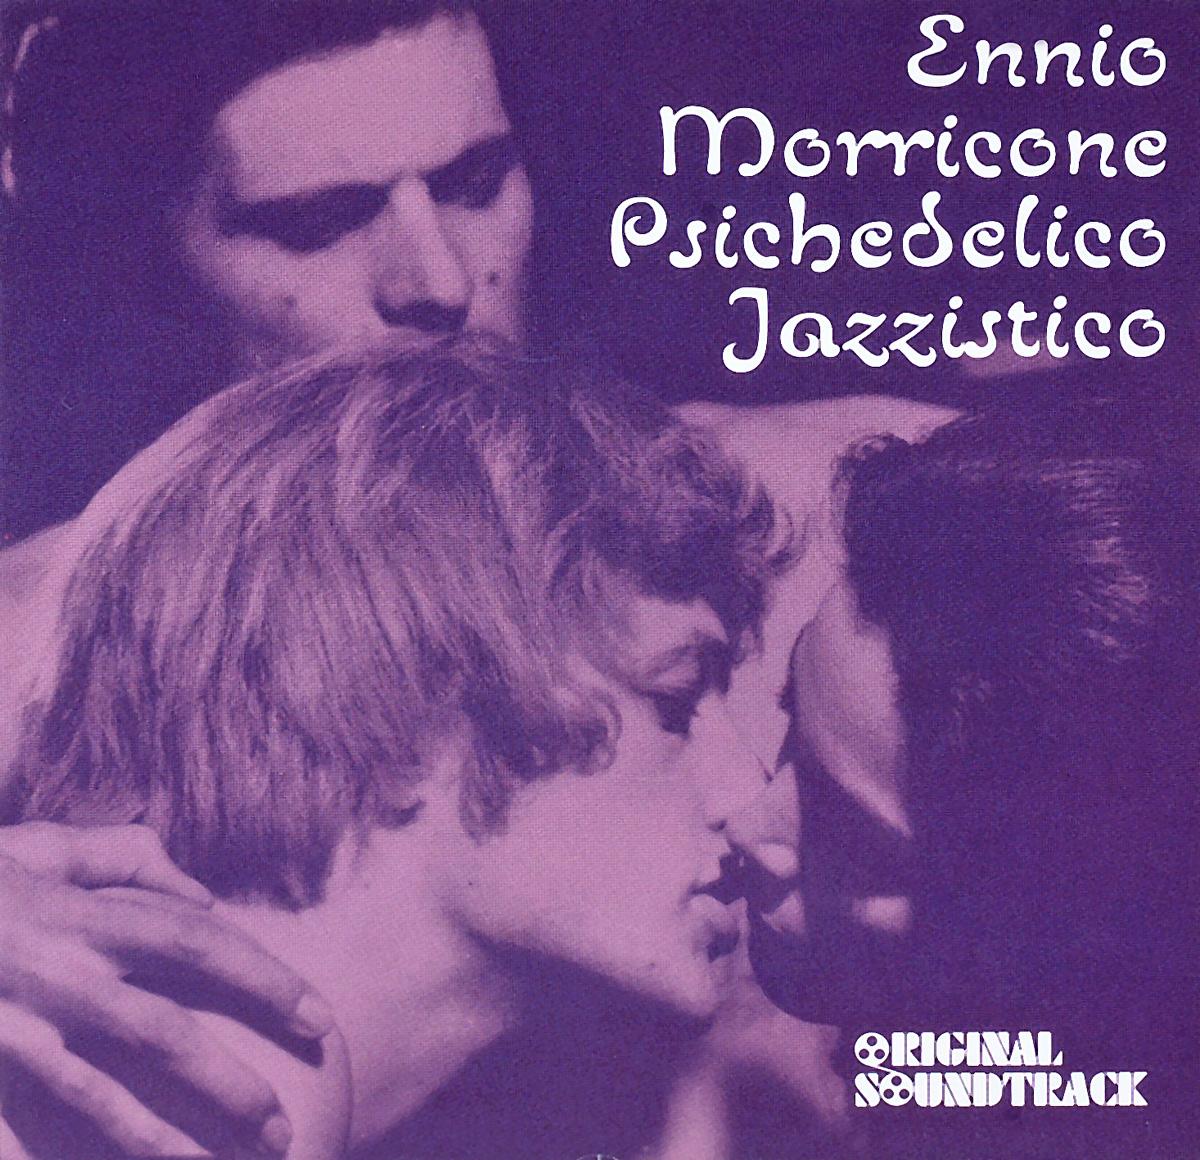 Эннио Морриконе Ennio Morricone. Psichedelico Jazzisticov эннио морриконе ennio morricone the very best of ennio morricone